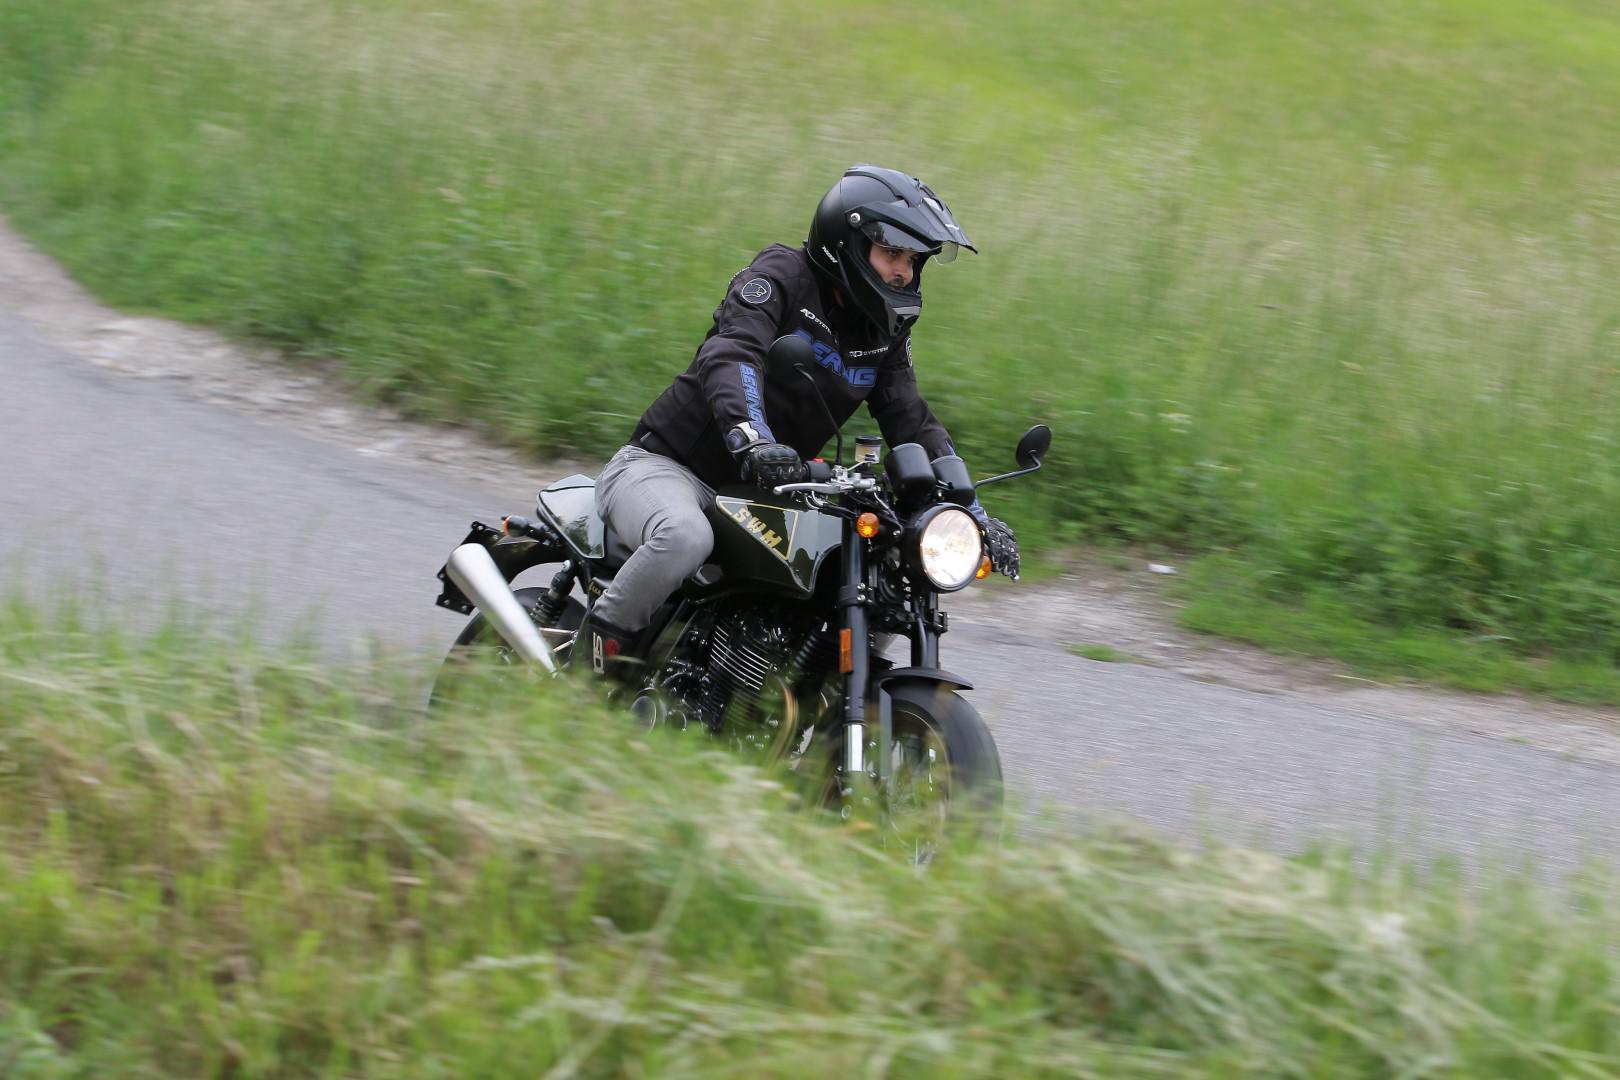 swm-world-test-ride-337-16.jpg